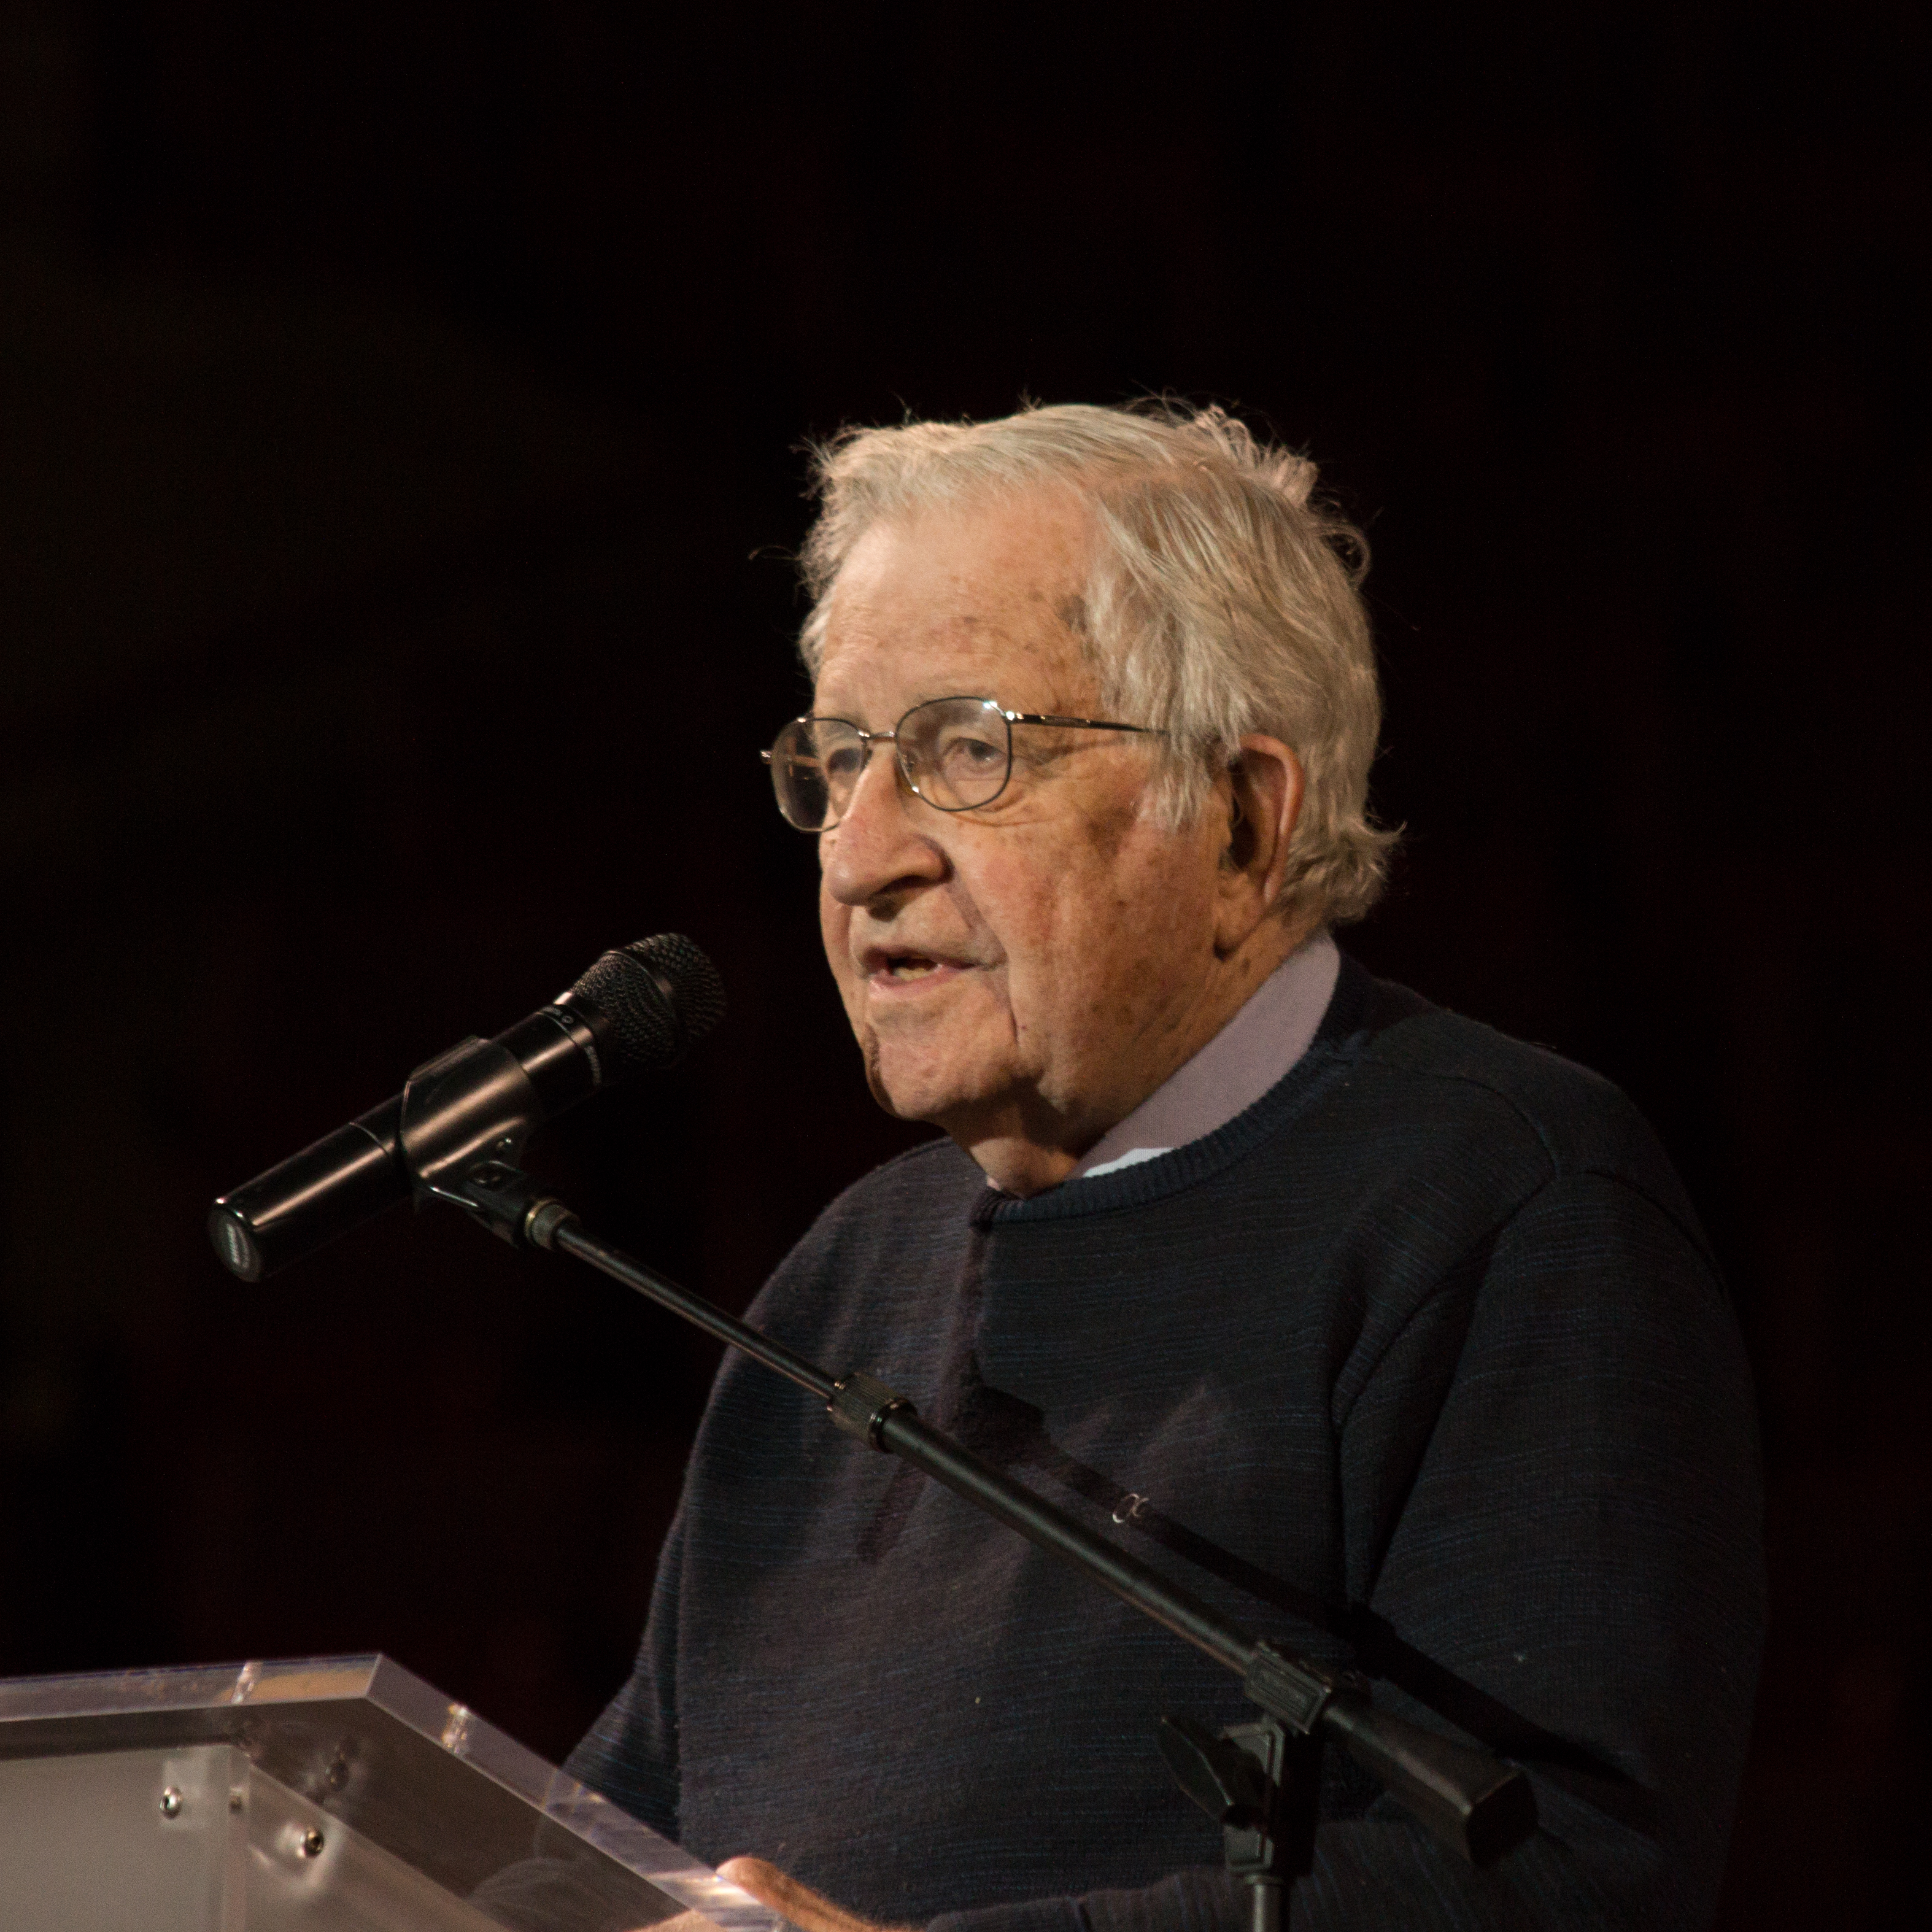 Noam Chomsky photo #100917, Noam Chomsky image